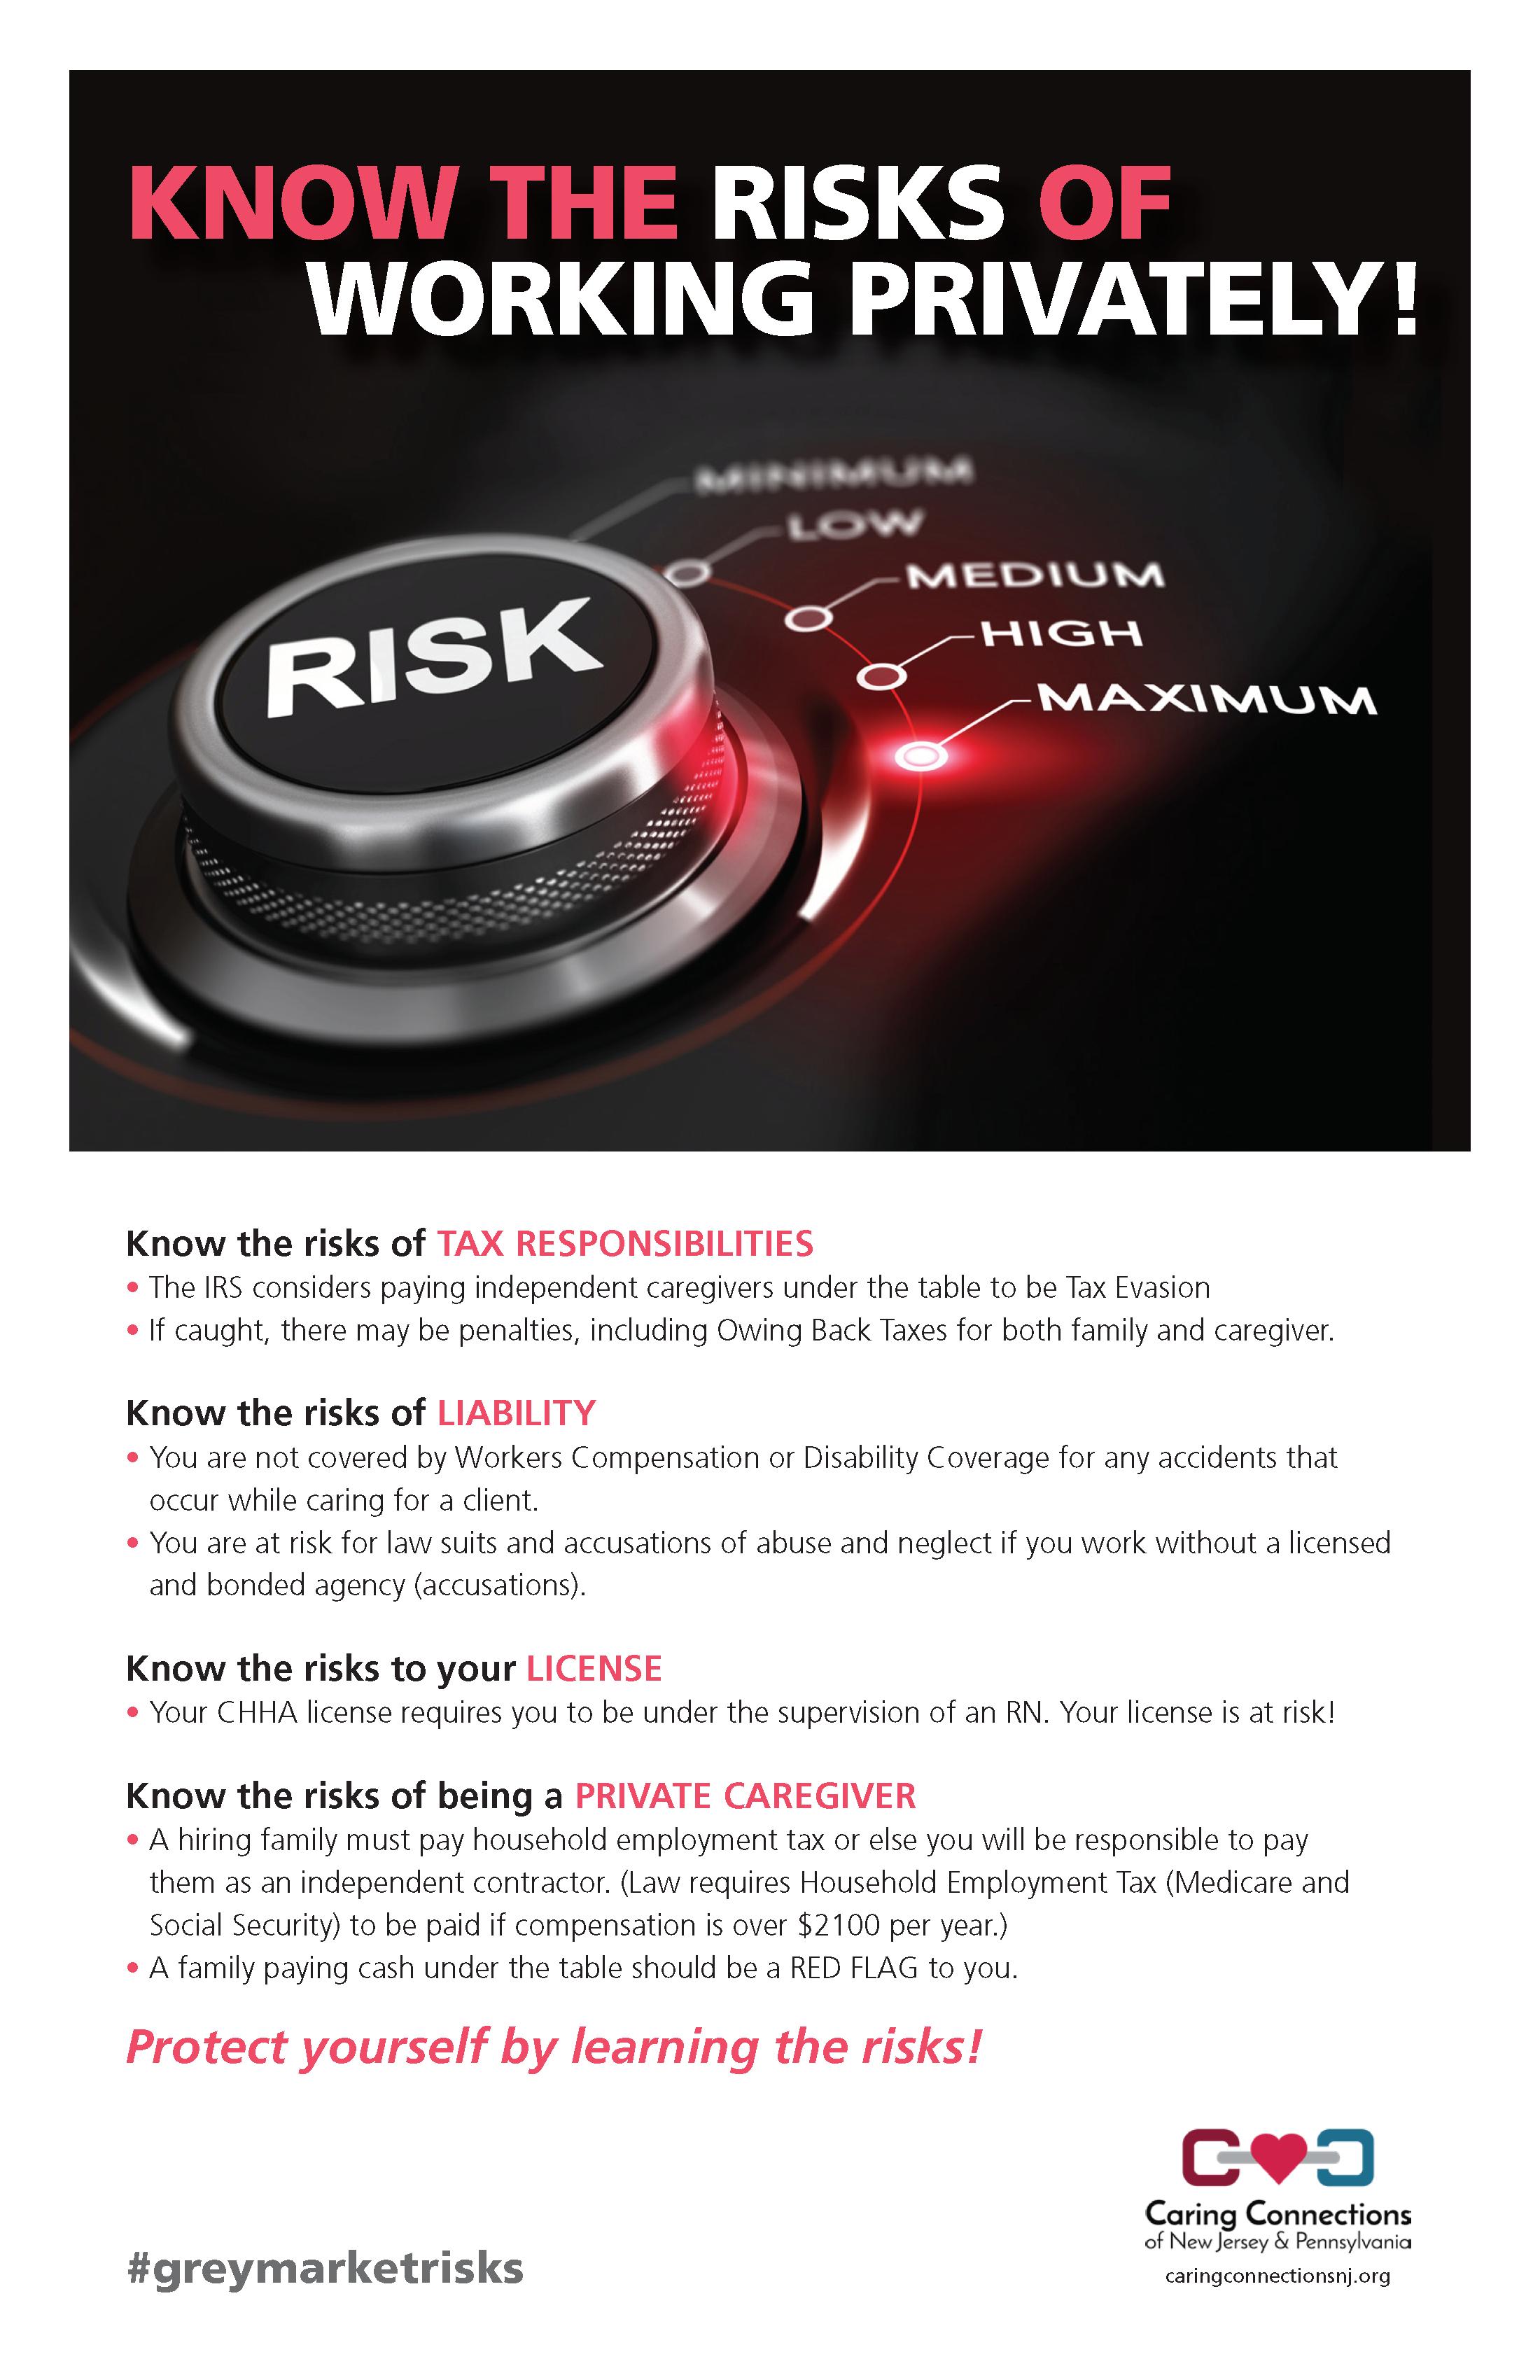 ccnj-grey-market-risks-poster